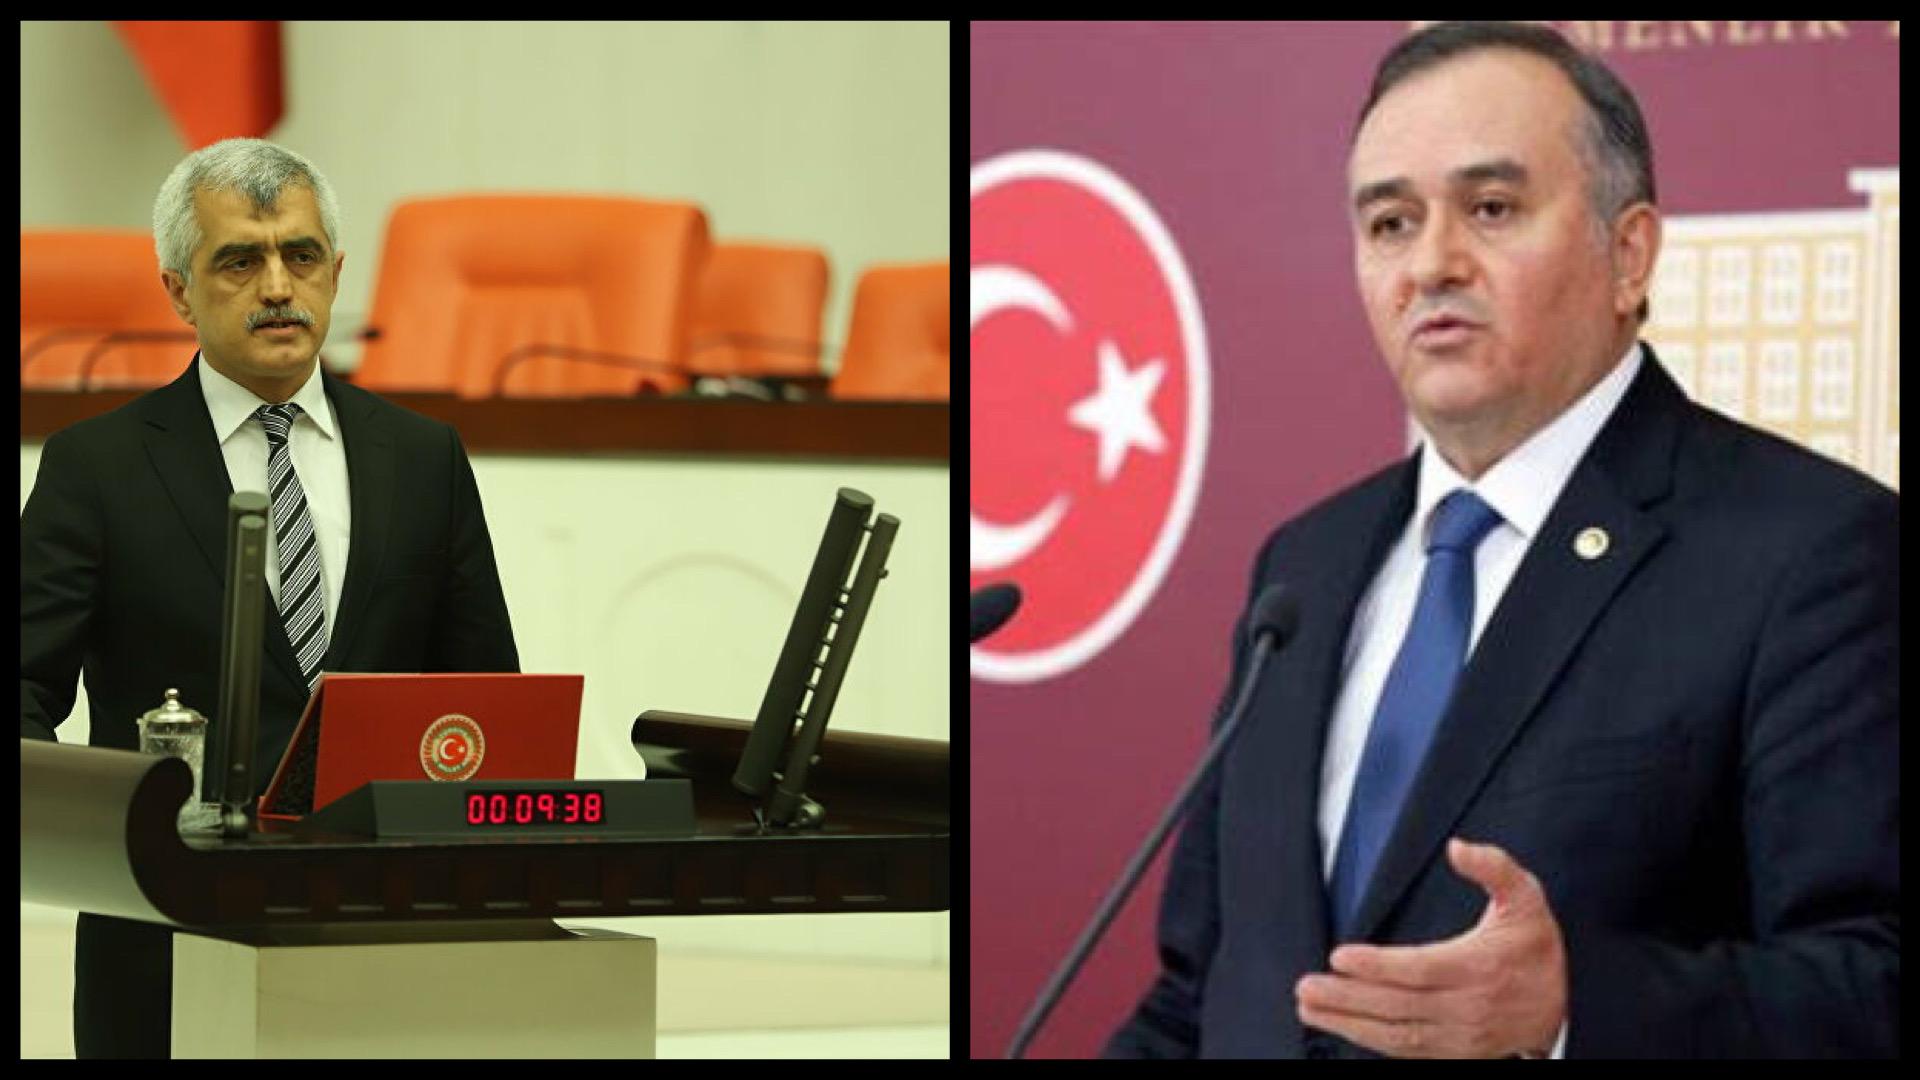 """Gergerlioğlu'nun """"50 milyar için Doğu Türkistan'ı sattınız"""" sözlerine MHP'li Akçay'dan yanıt: Ne yapacağız, Çin'e savaş mı açacağız?"""